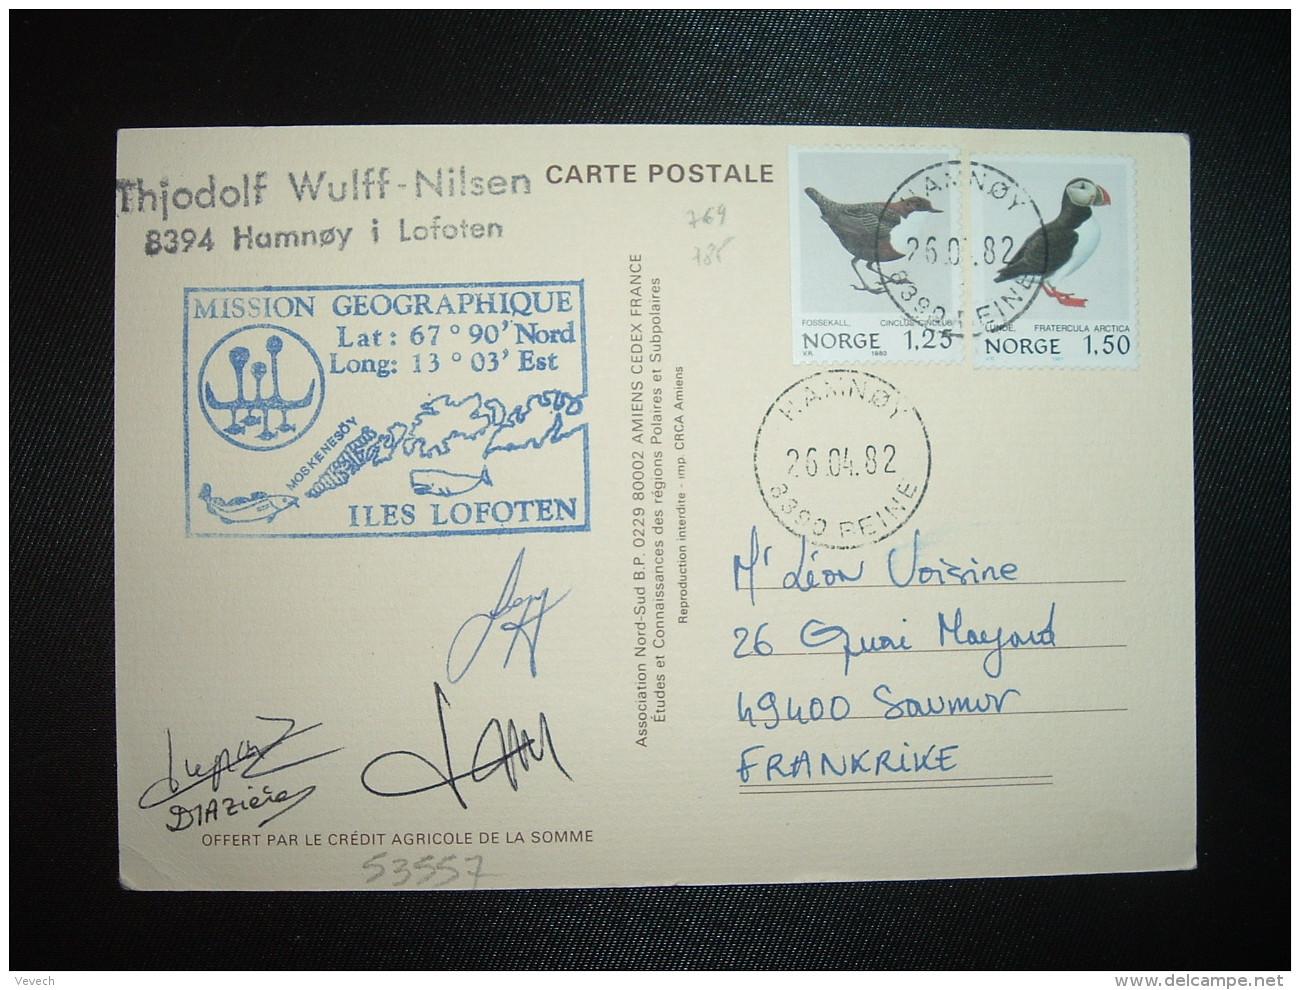 CP PAUL EMILE VICTOR 1982 TP NORGE OISEAU 1,50 + 1,25 OBL.26 04 82 HAMNOY + MISSION GEOGRAPHIQUE ILES LOFOTEN + OFFERT P - Unclassified